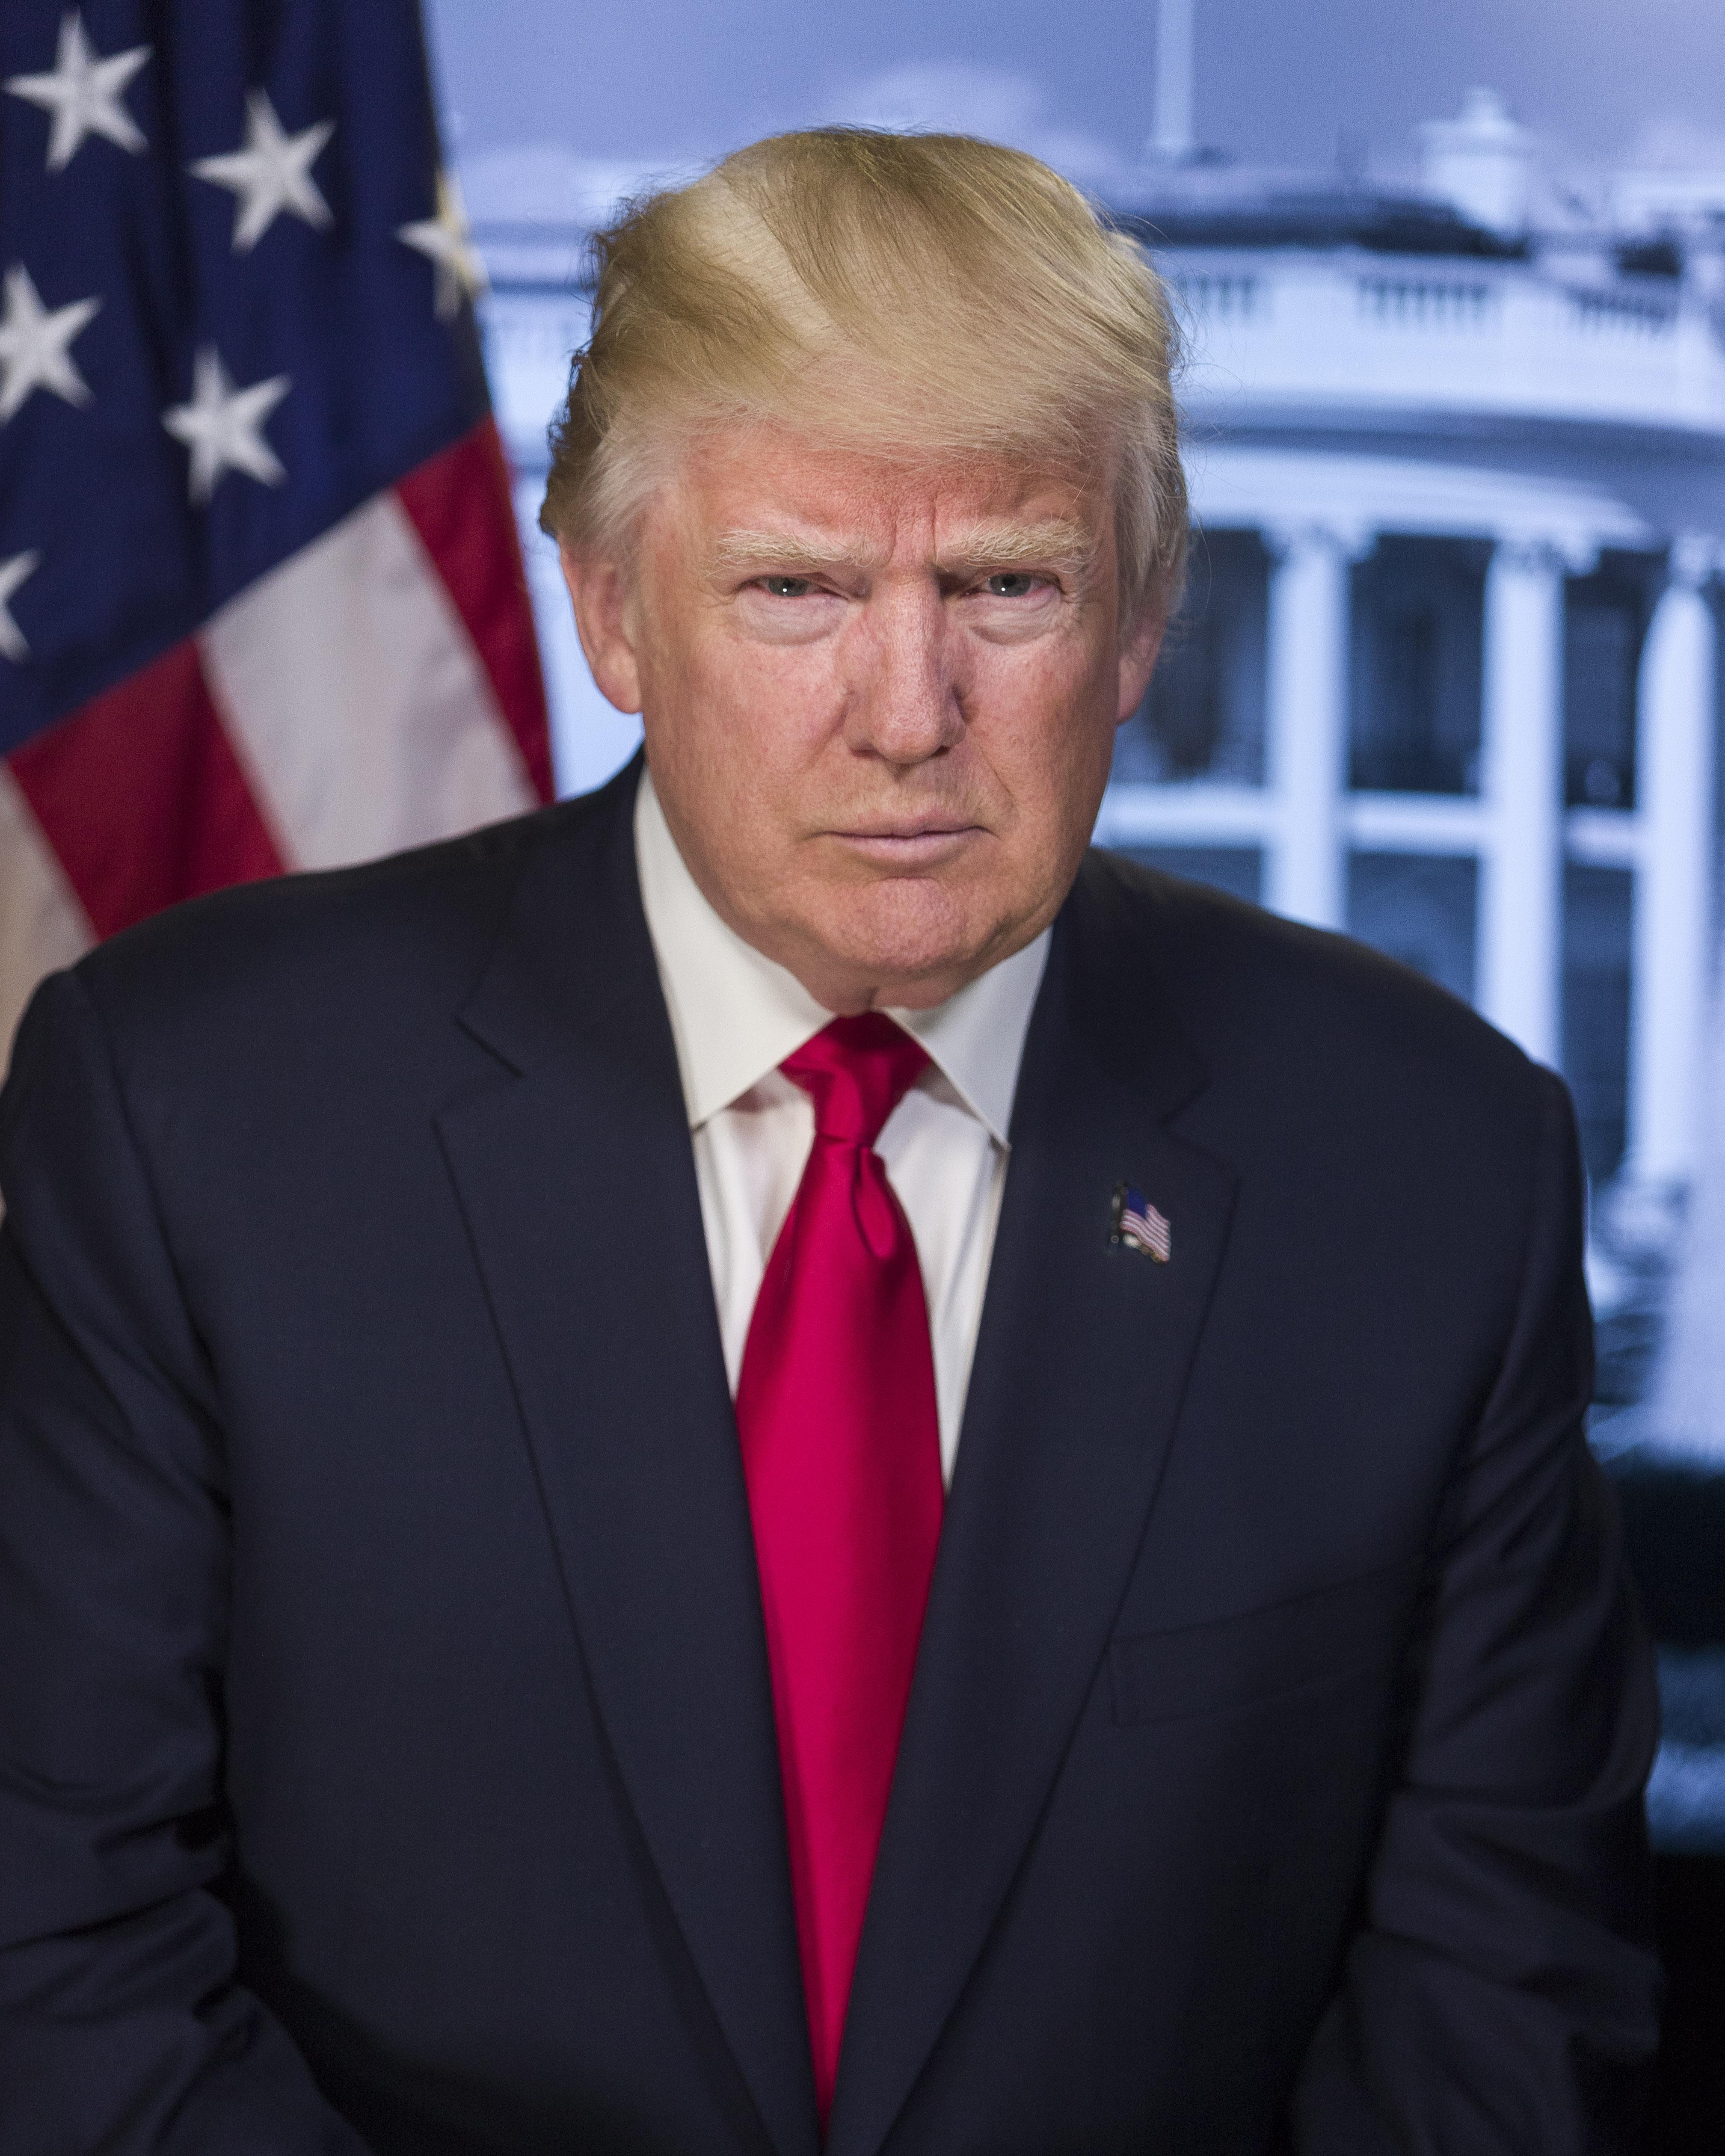 Az USA 45. elnöke Donald J. Trump